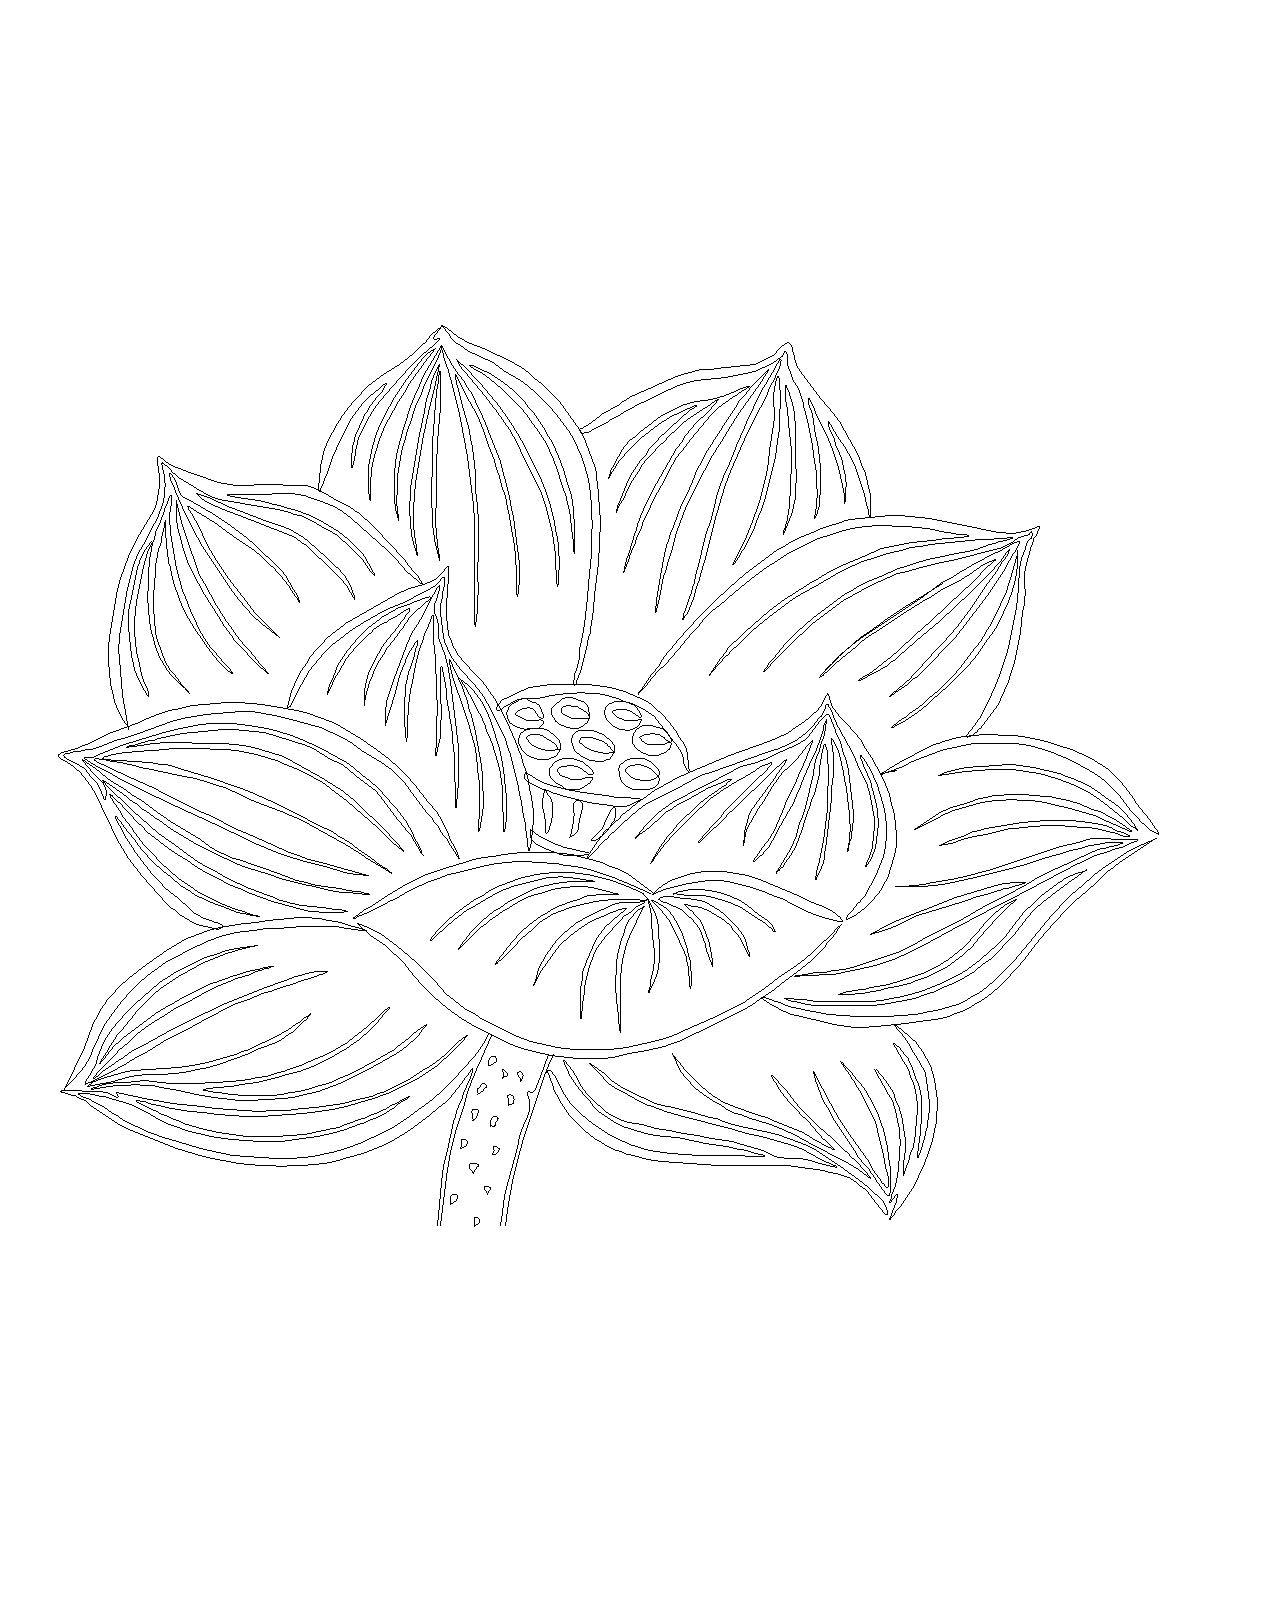 cad手绘莲花